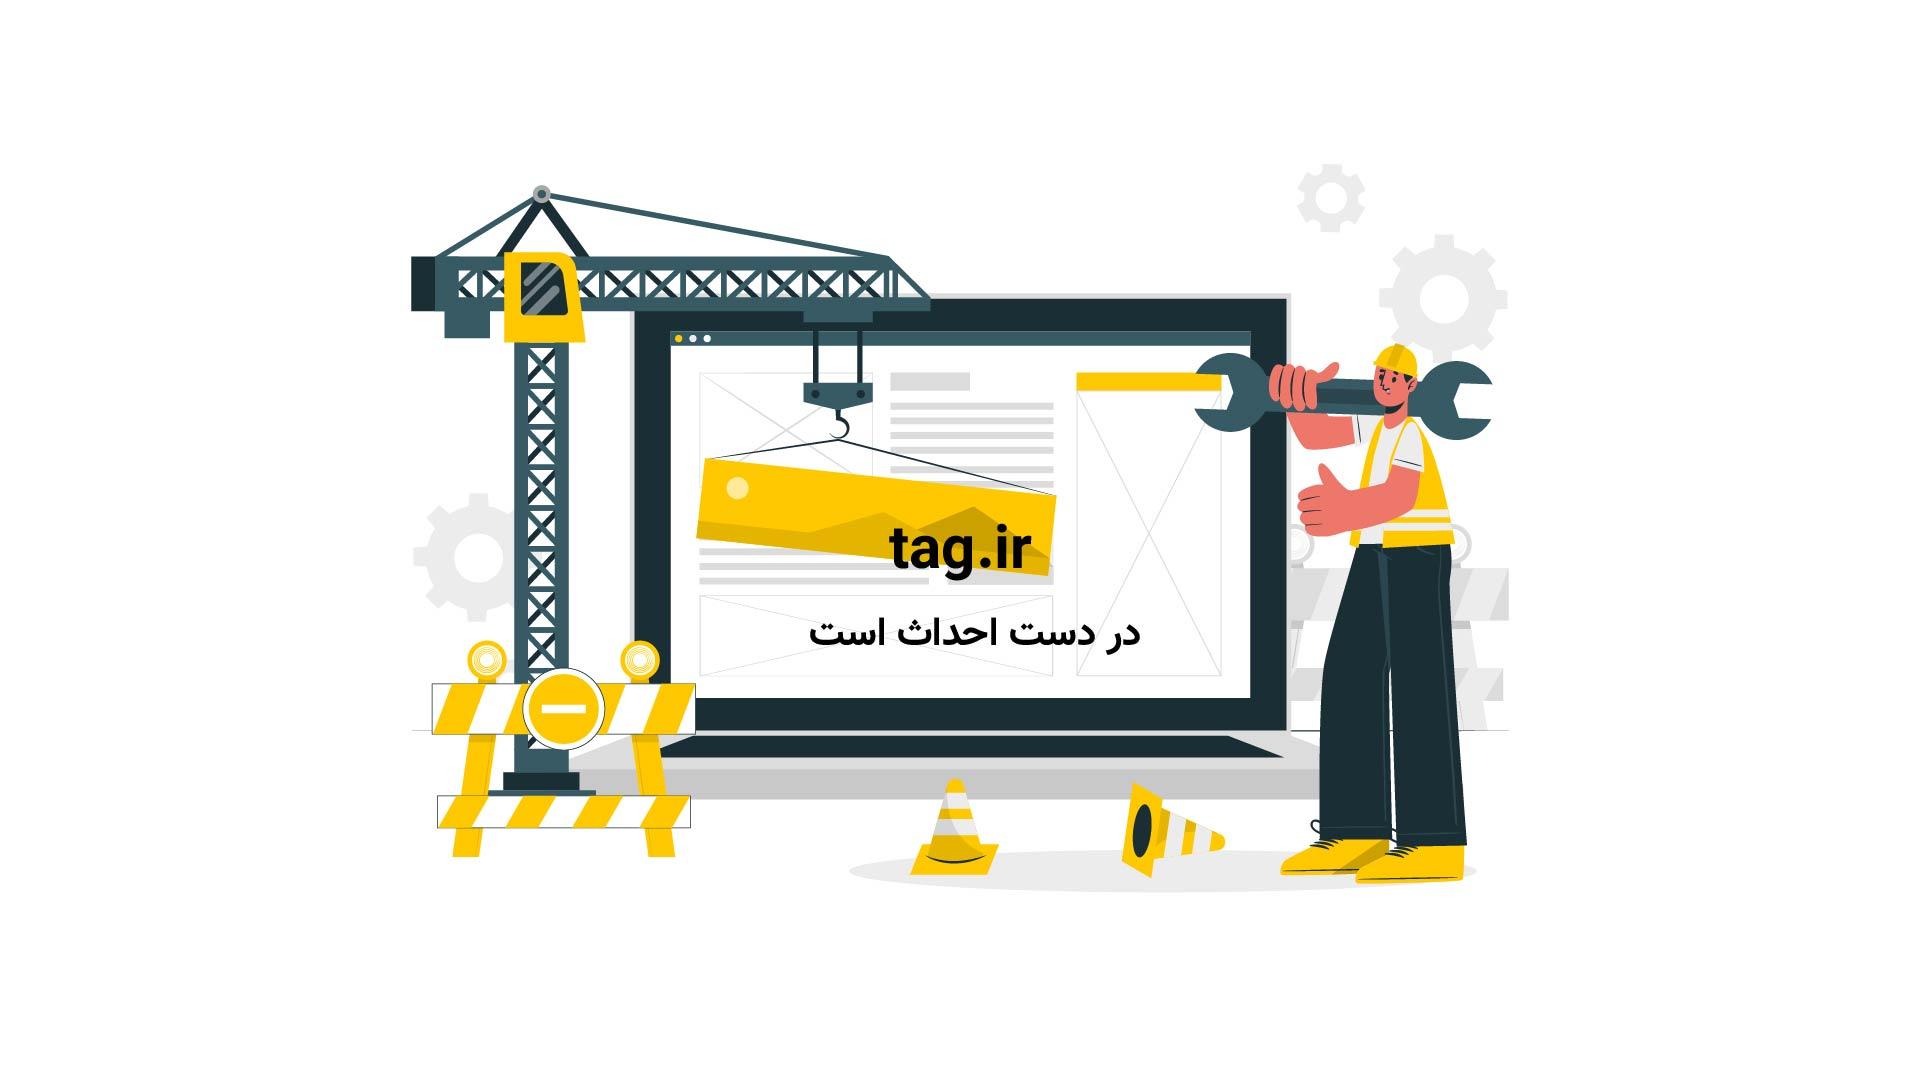 لباسشویی-ال-جی | تگ